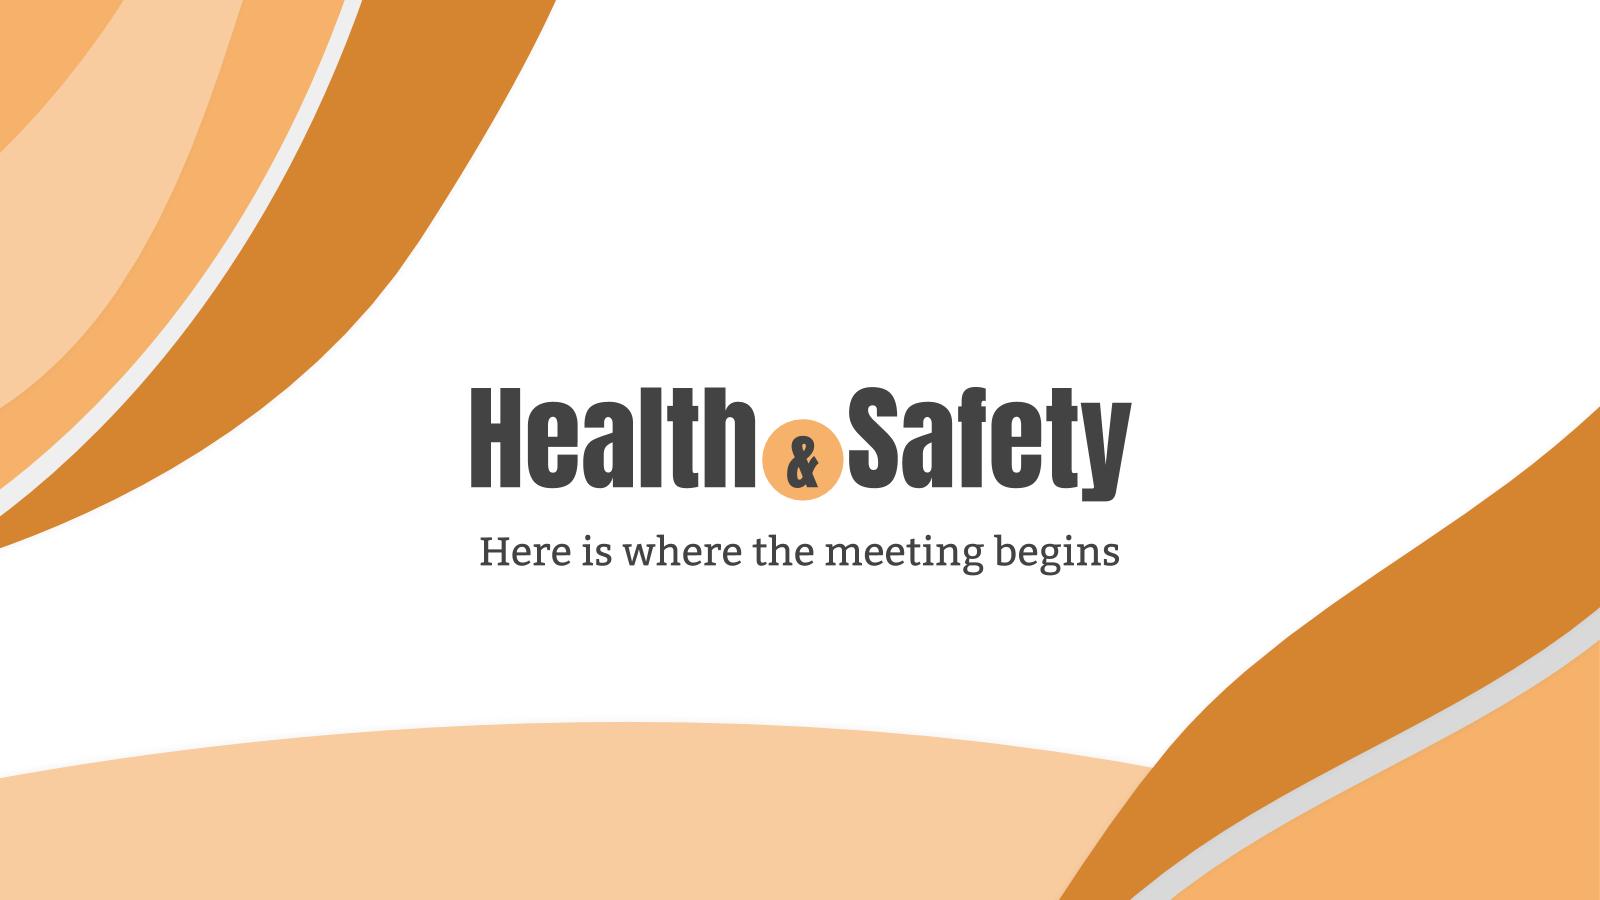 Modelo de apresentação Reunião sobre saúde e segurança